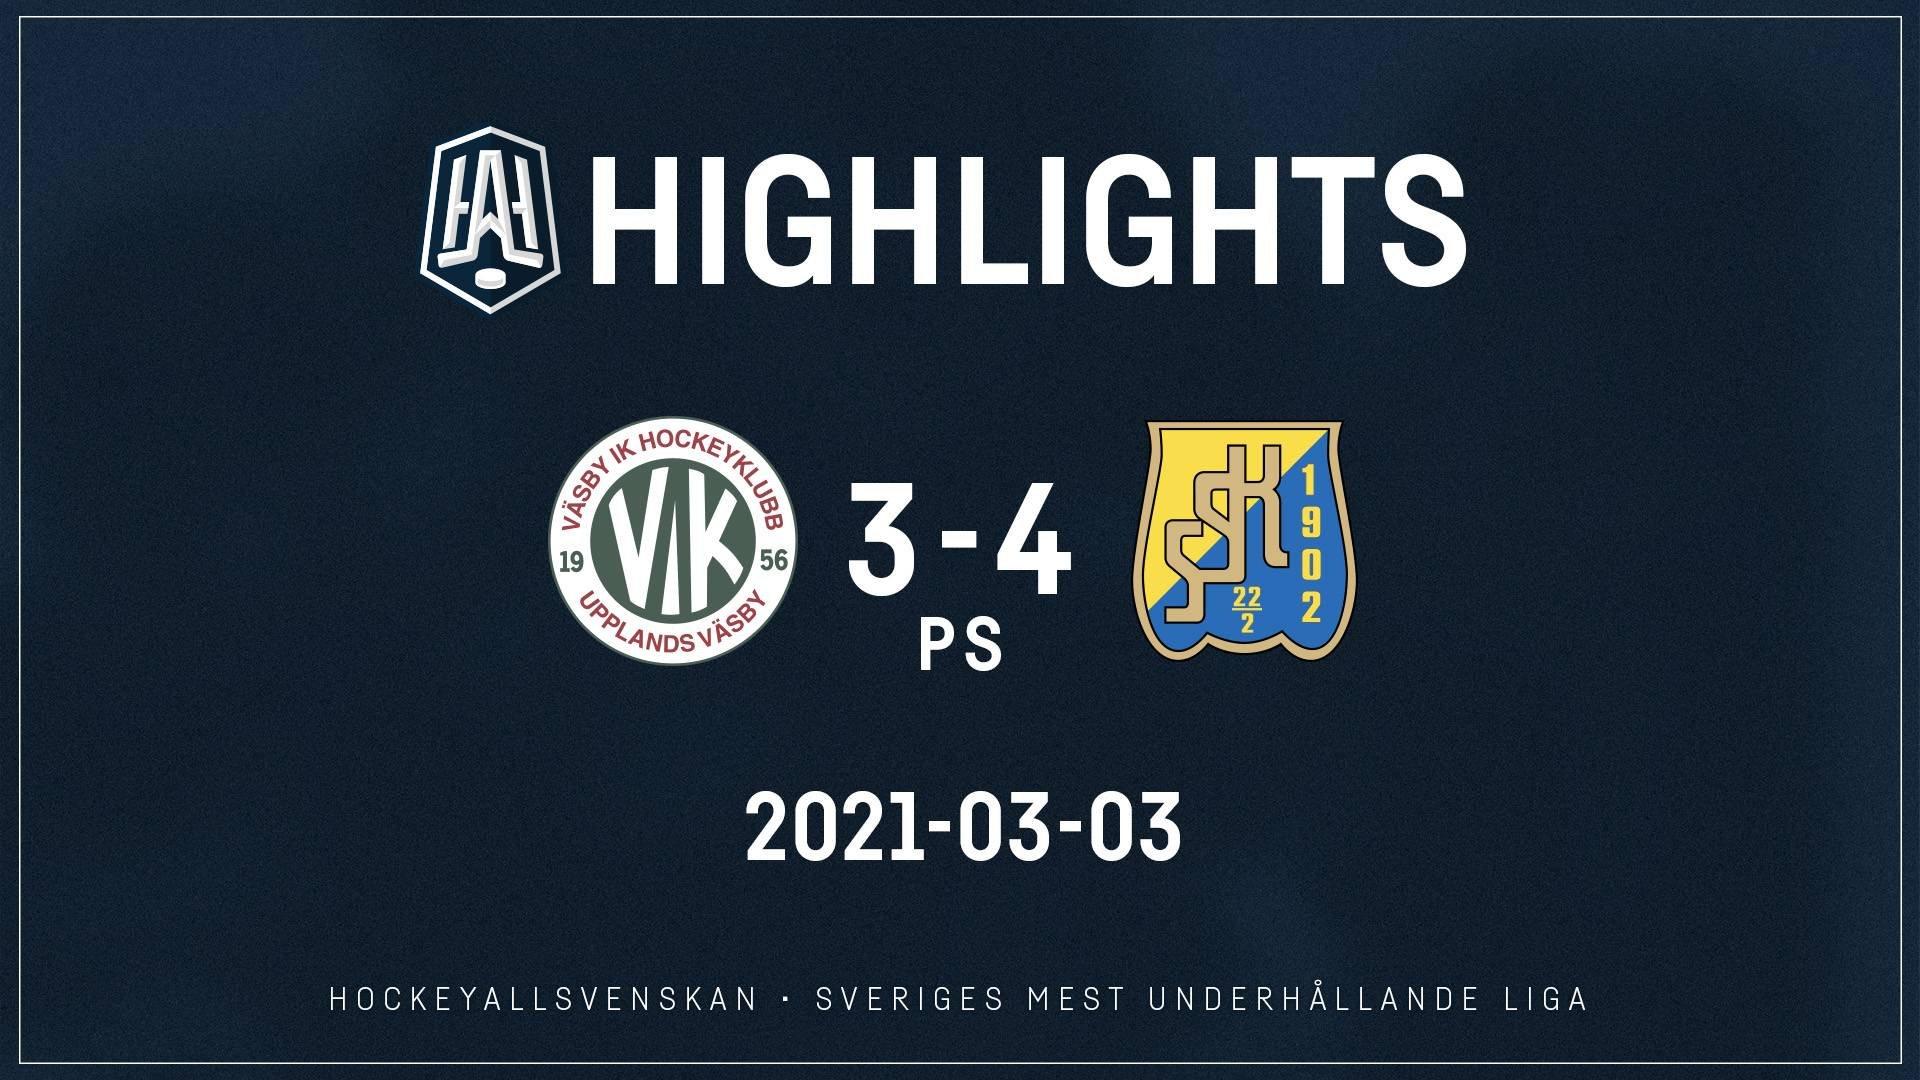 2021-03-03 Väsby - Södertälje 3-4 (PS)